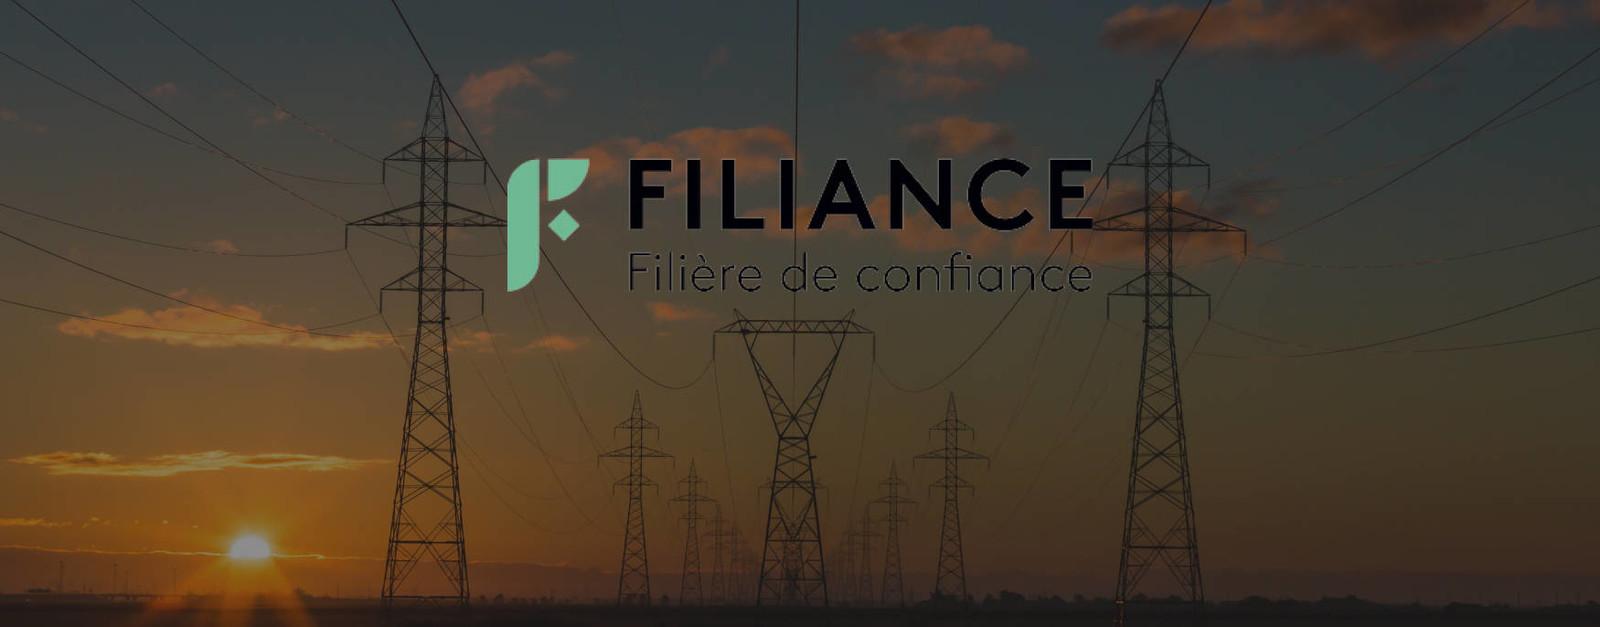 FILIANCE, la nouvelle identité de la COPREC